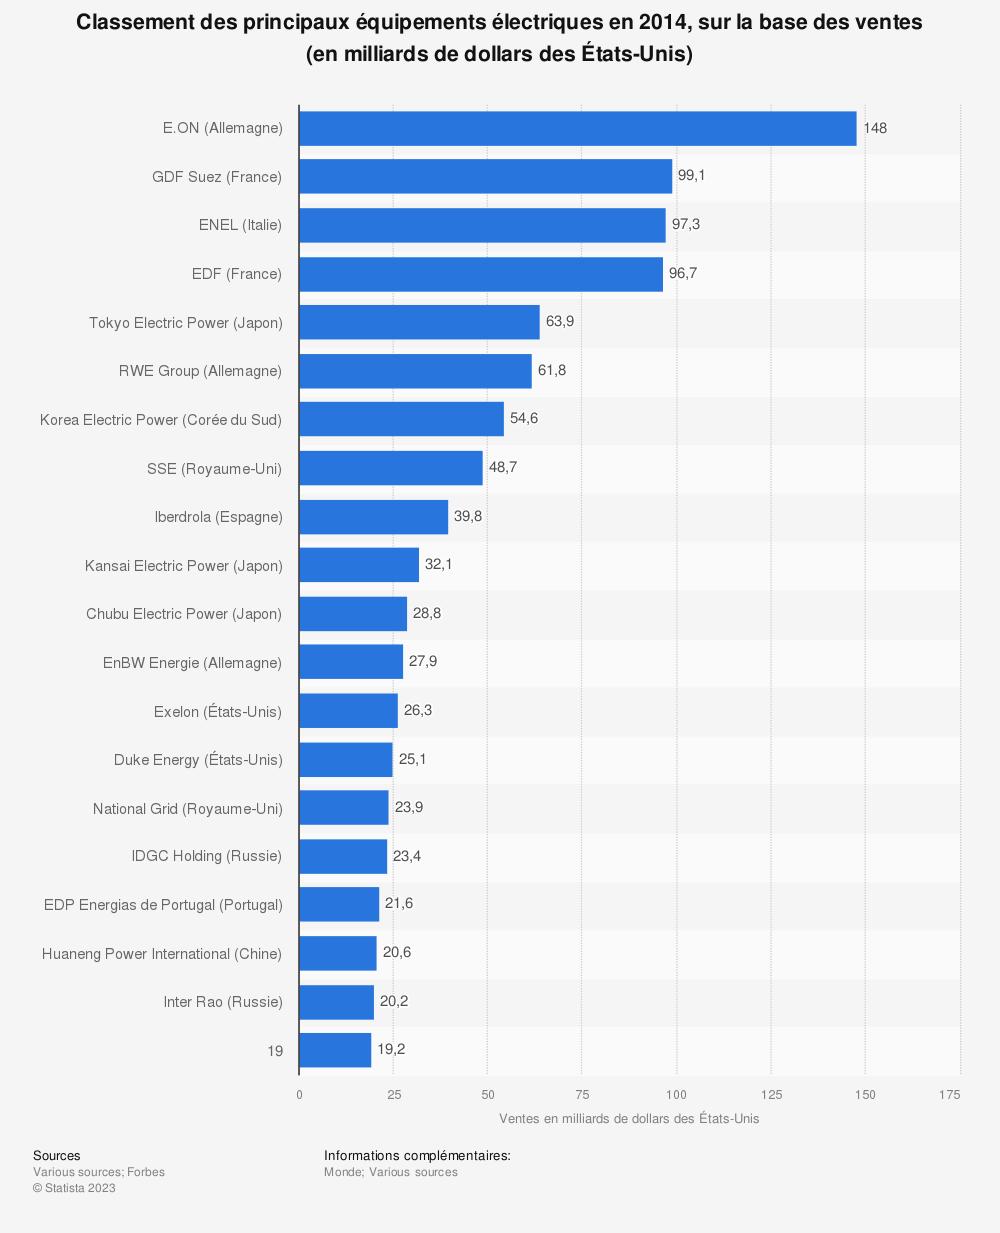 Statistique: Classement des principaux équipements électriques en 2014, sur la base des ventes (en milliards de dollars des États-Unis) | Statista